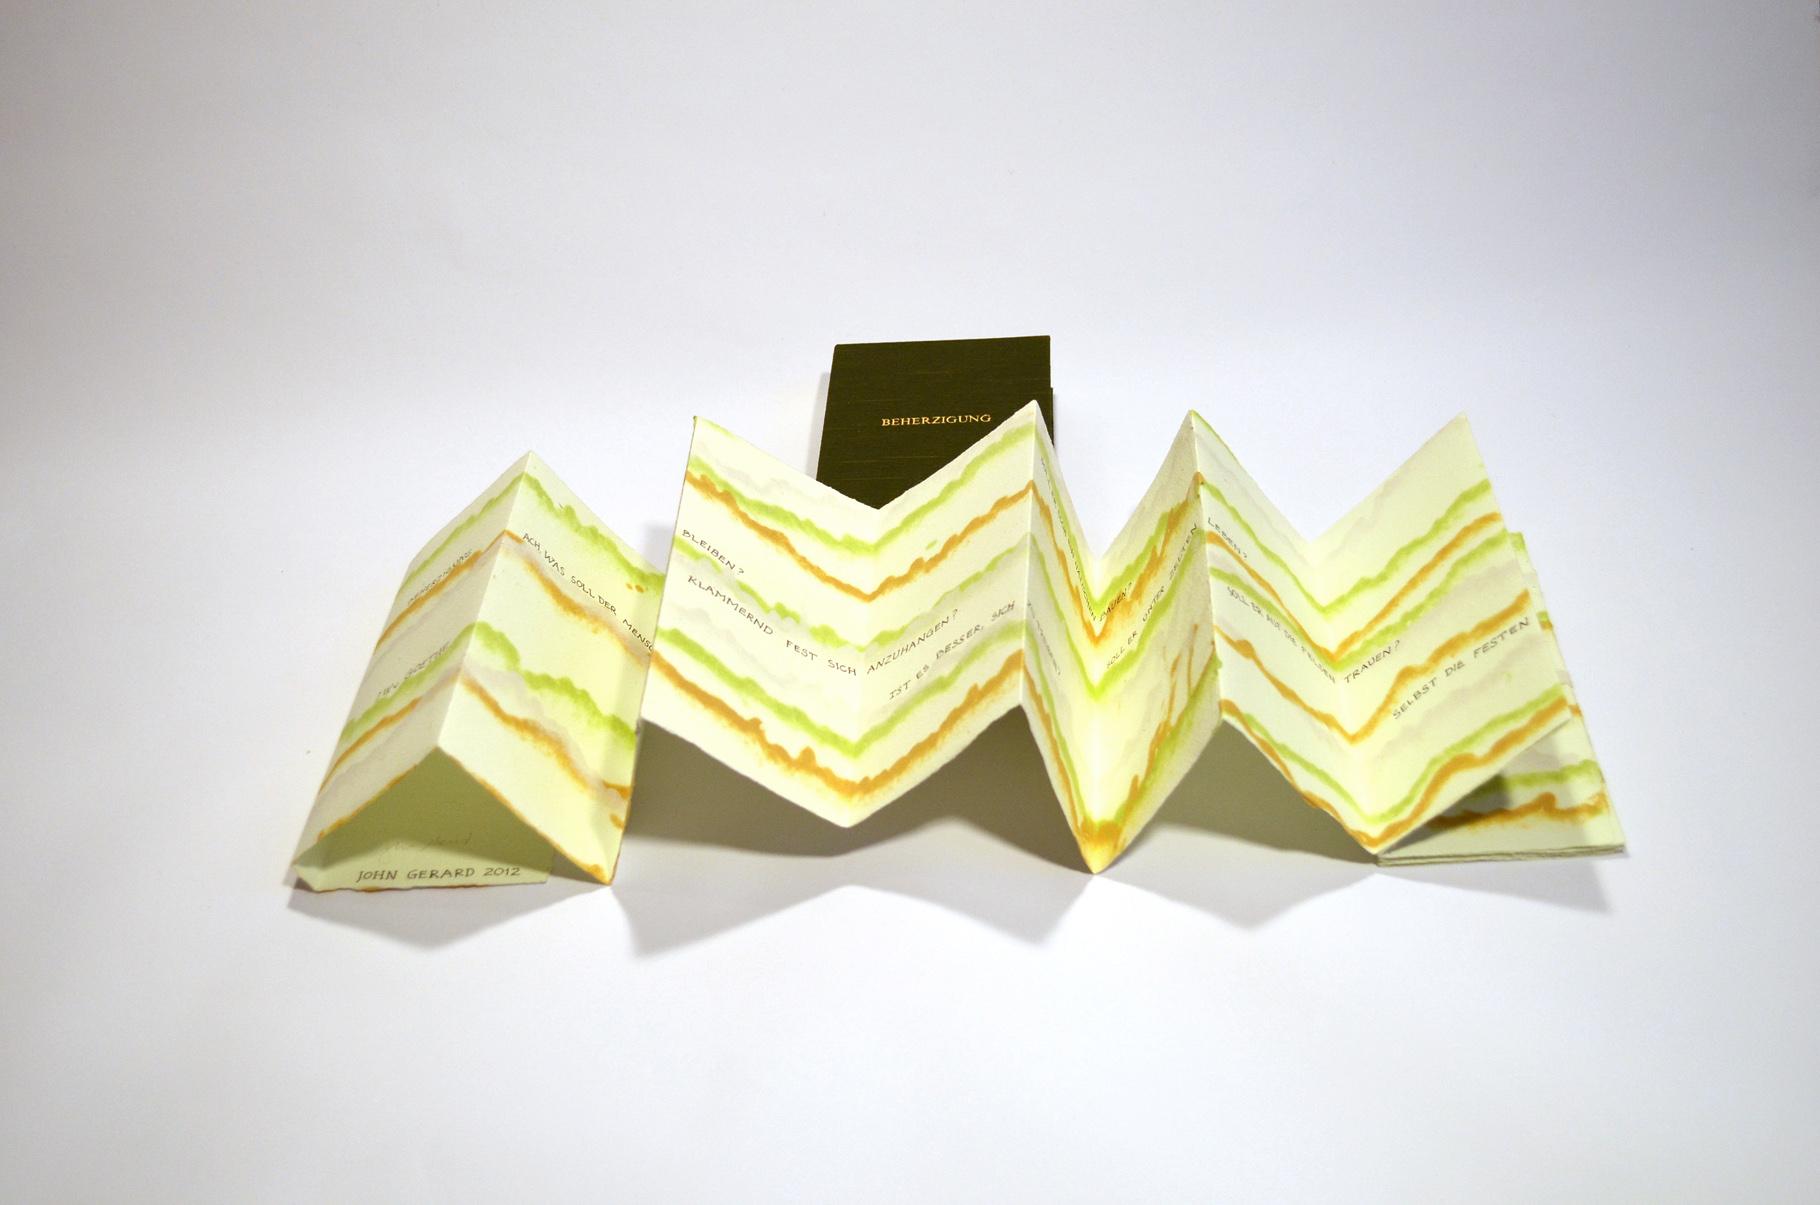 """""""Beherzigung"""" (2012) - Ein Künstlerbuch von John Gerard mit einem Gedicht von J. W. von Goethe"""